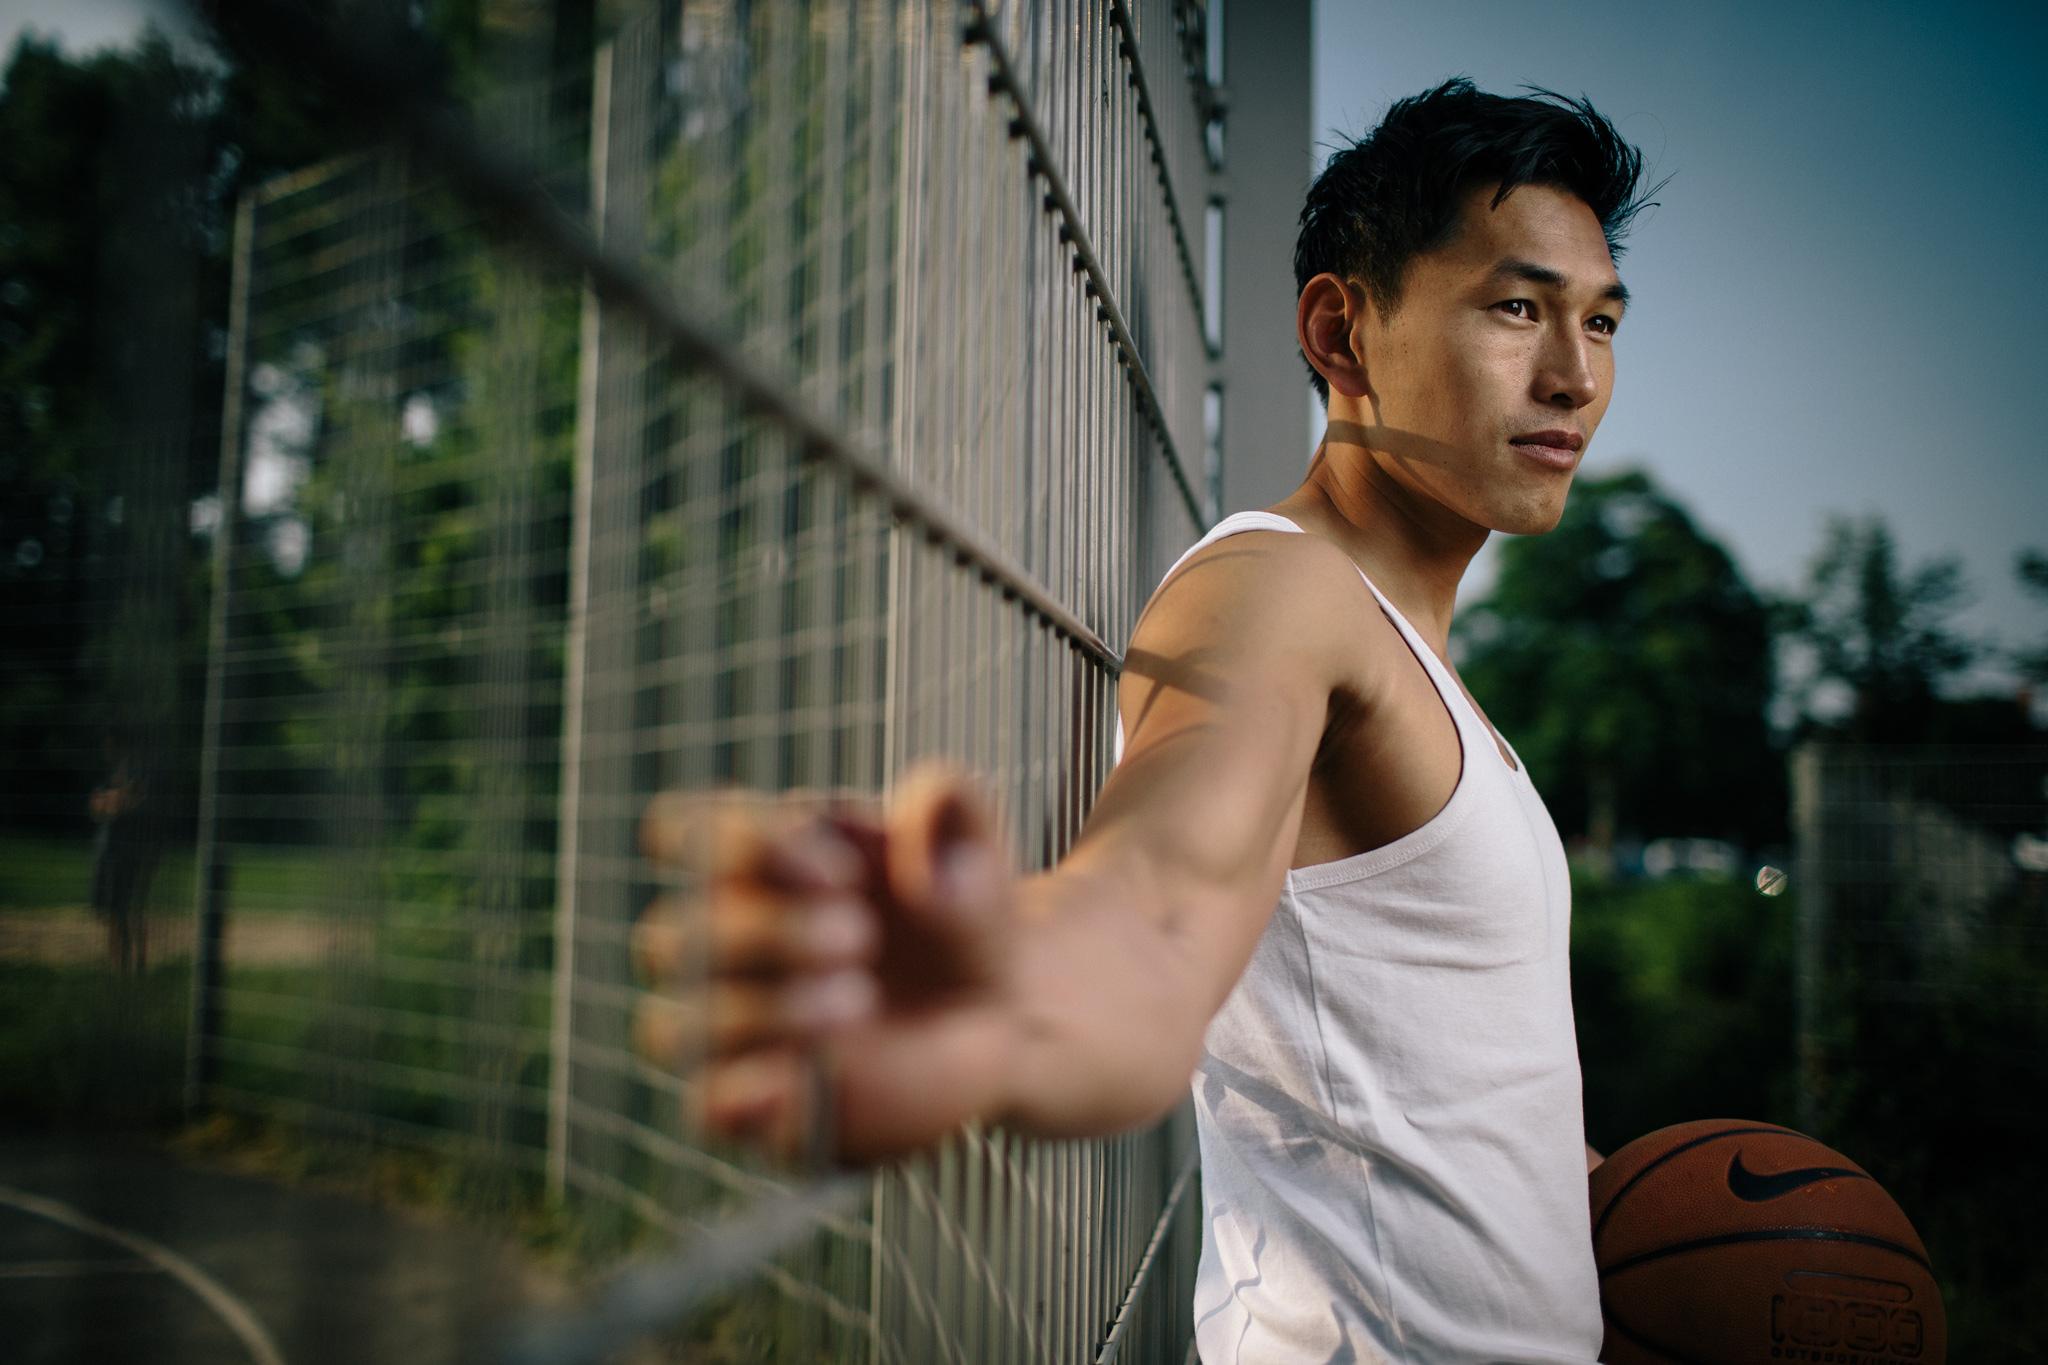 vu_sports_again_basketball.jpg